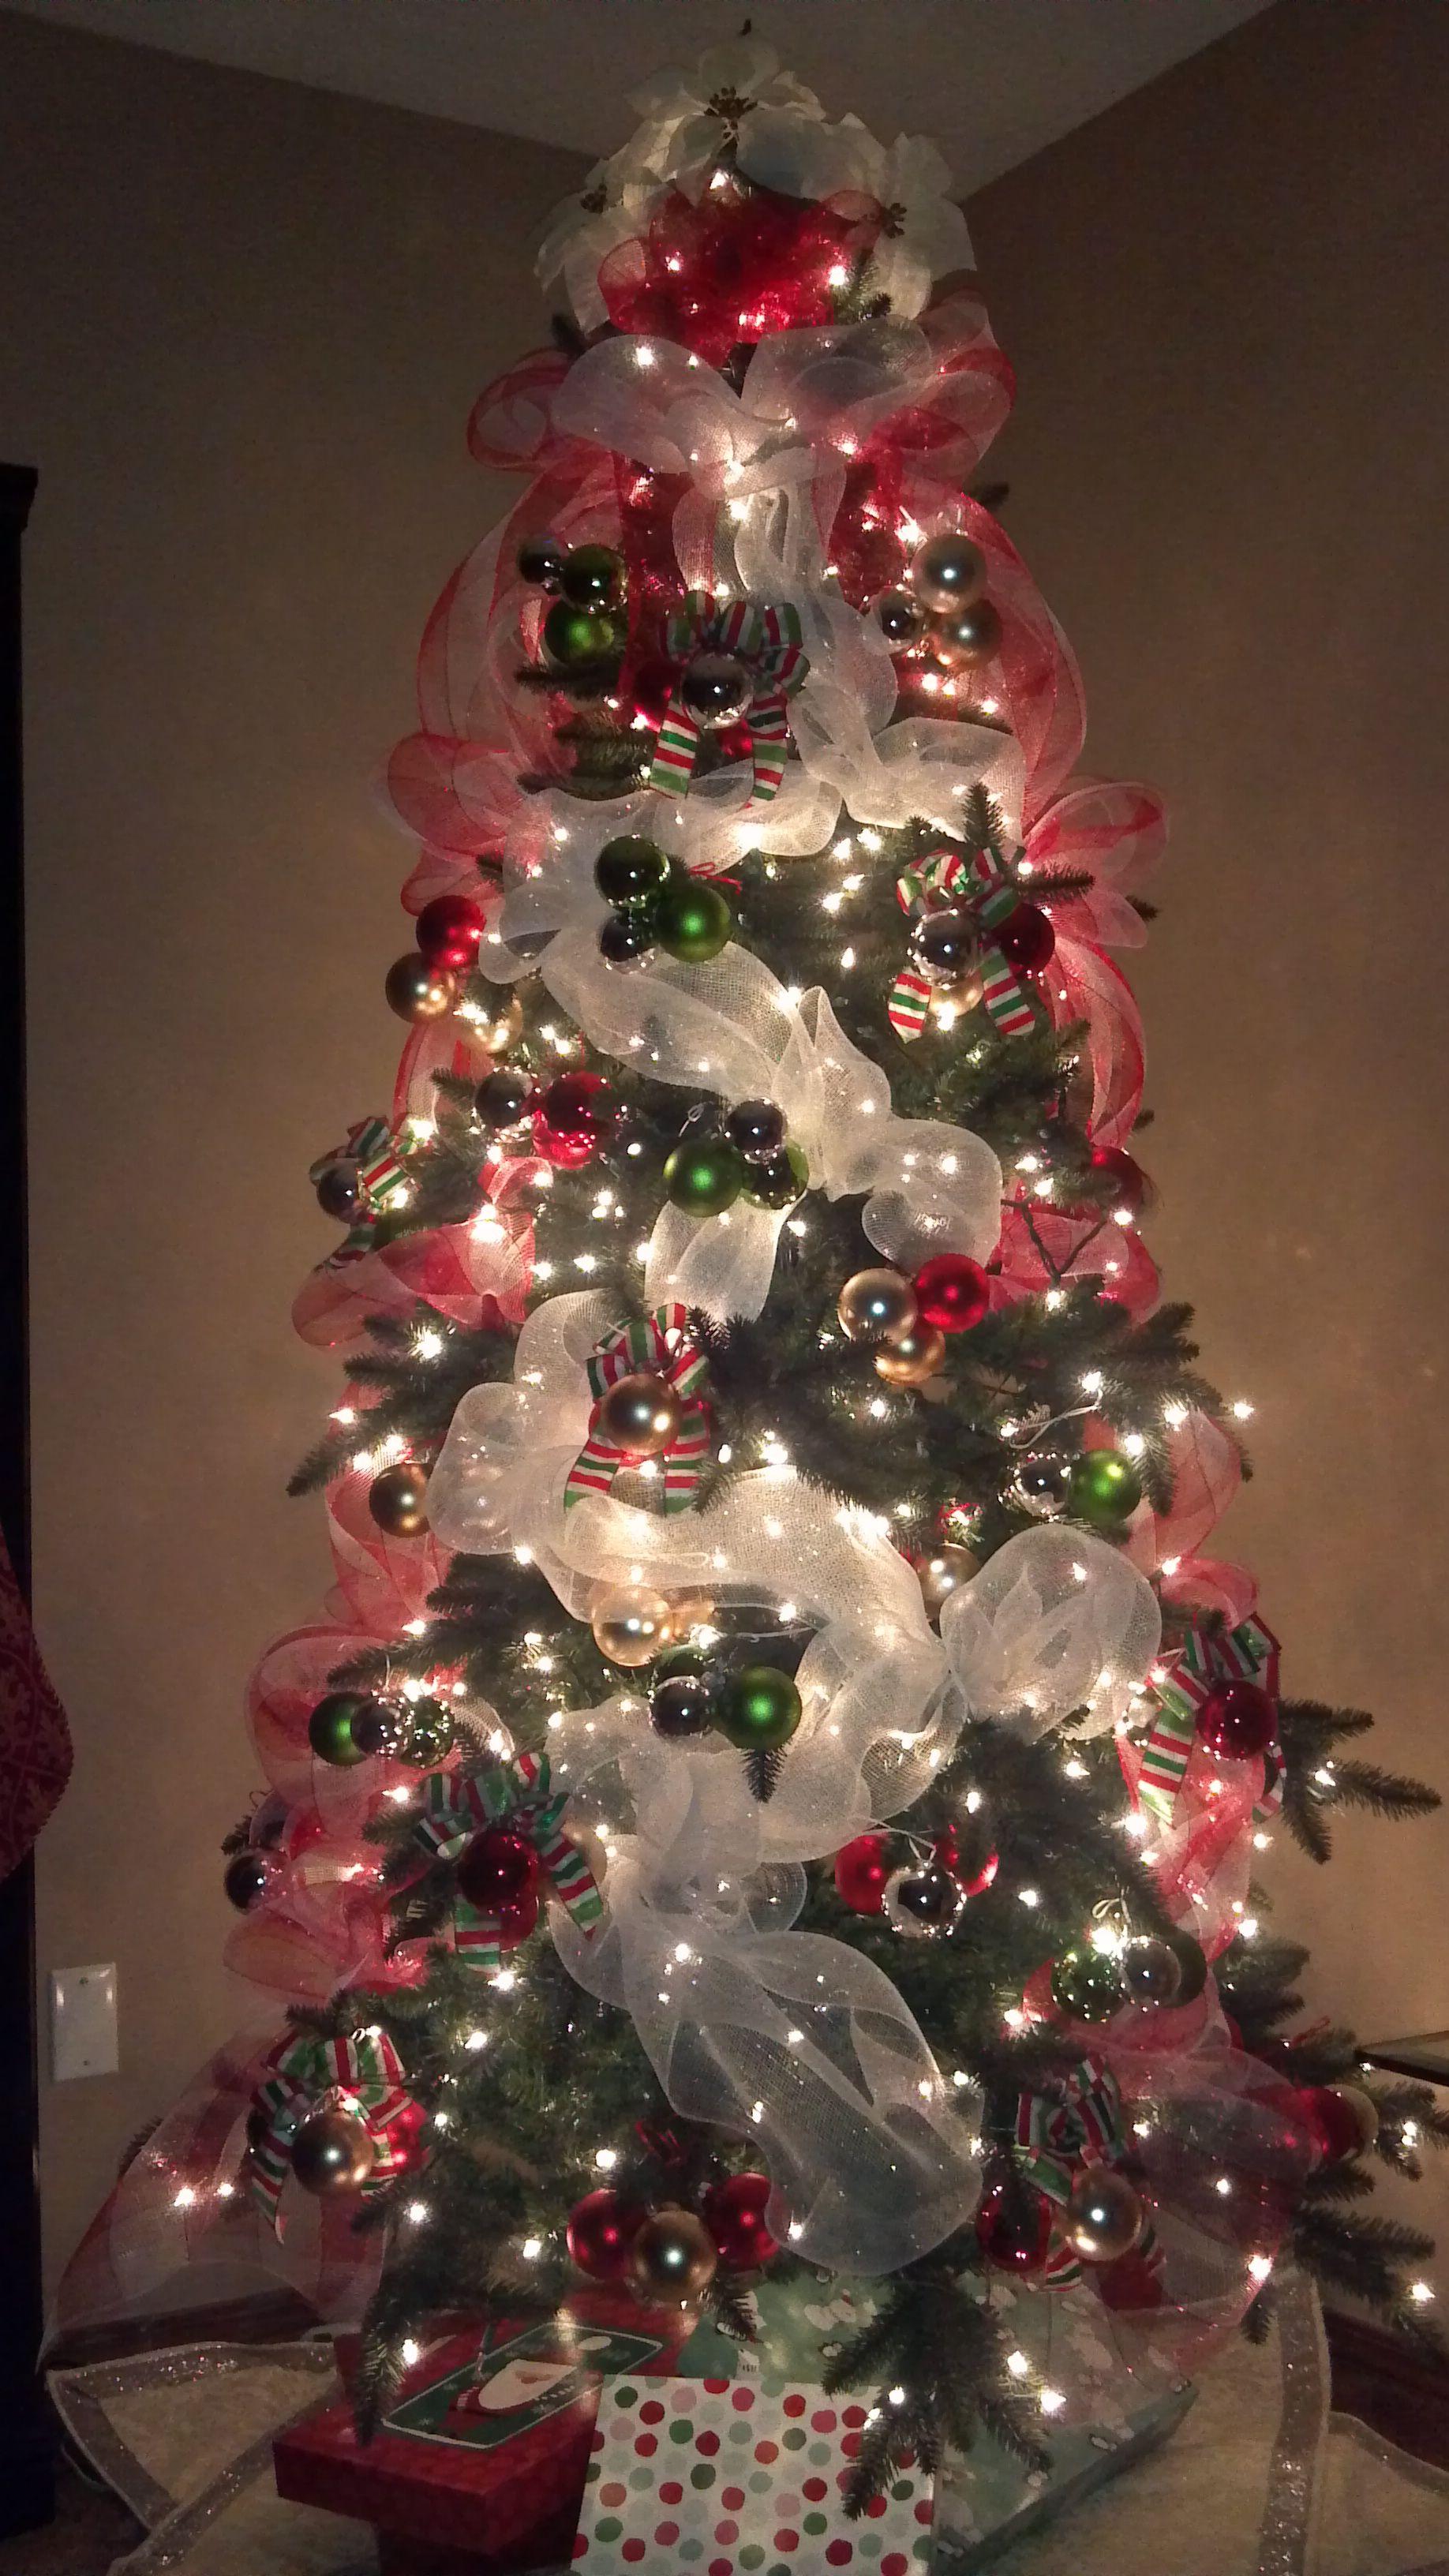 A Deco Mesh Christmas Tree With Lights Christmas Tree